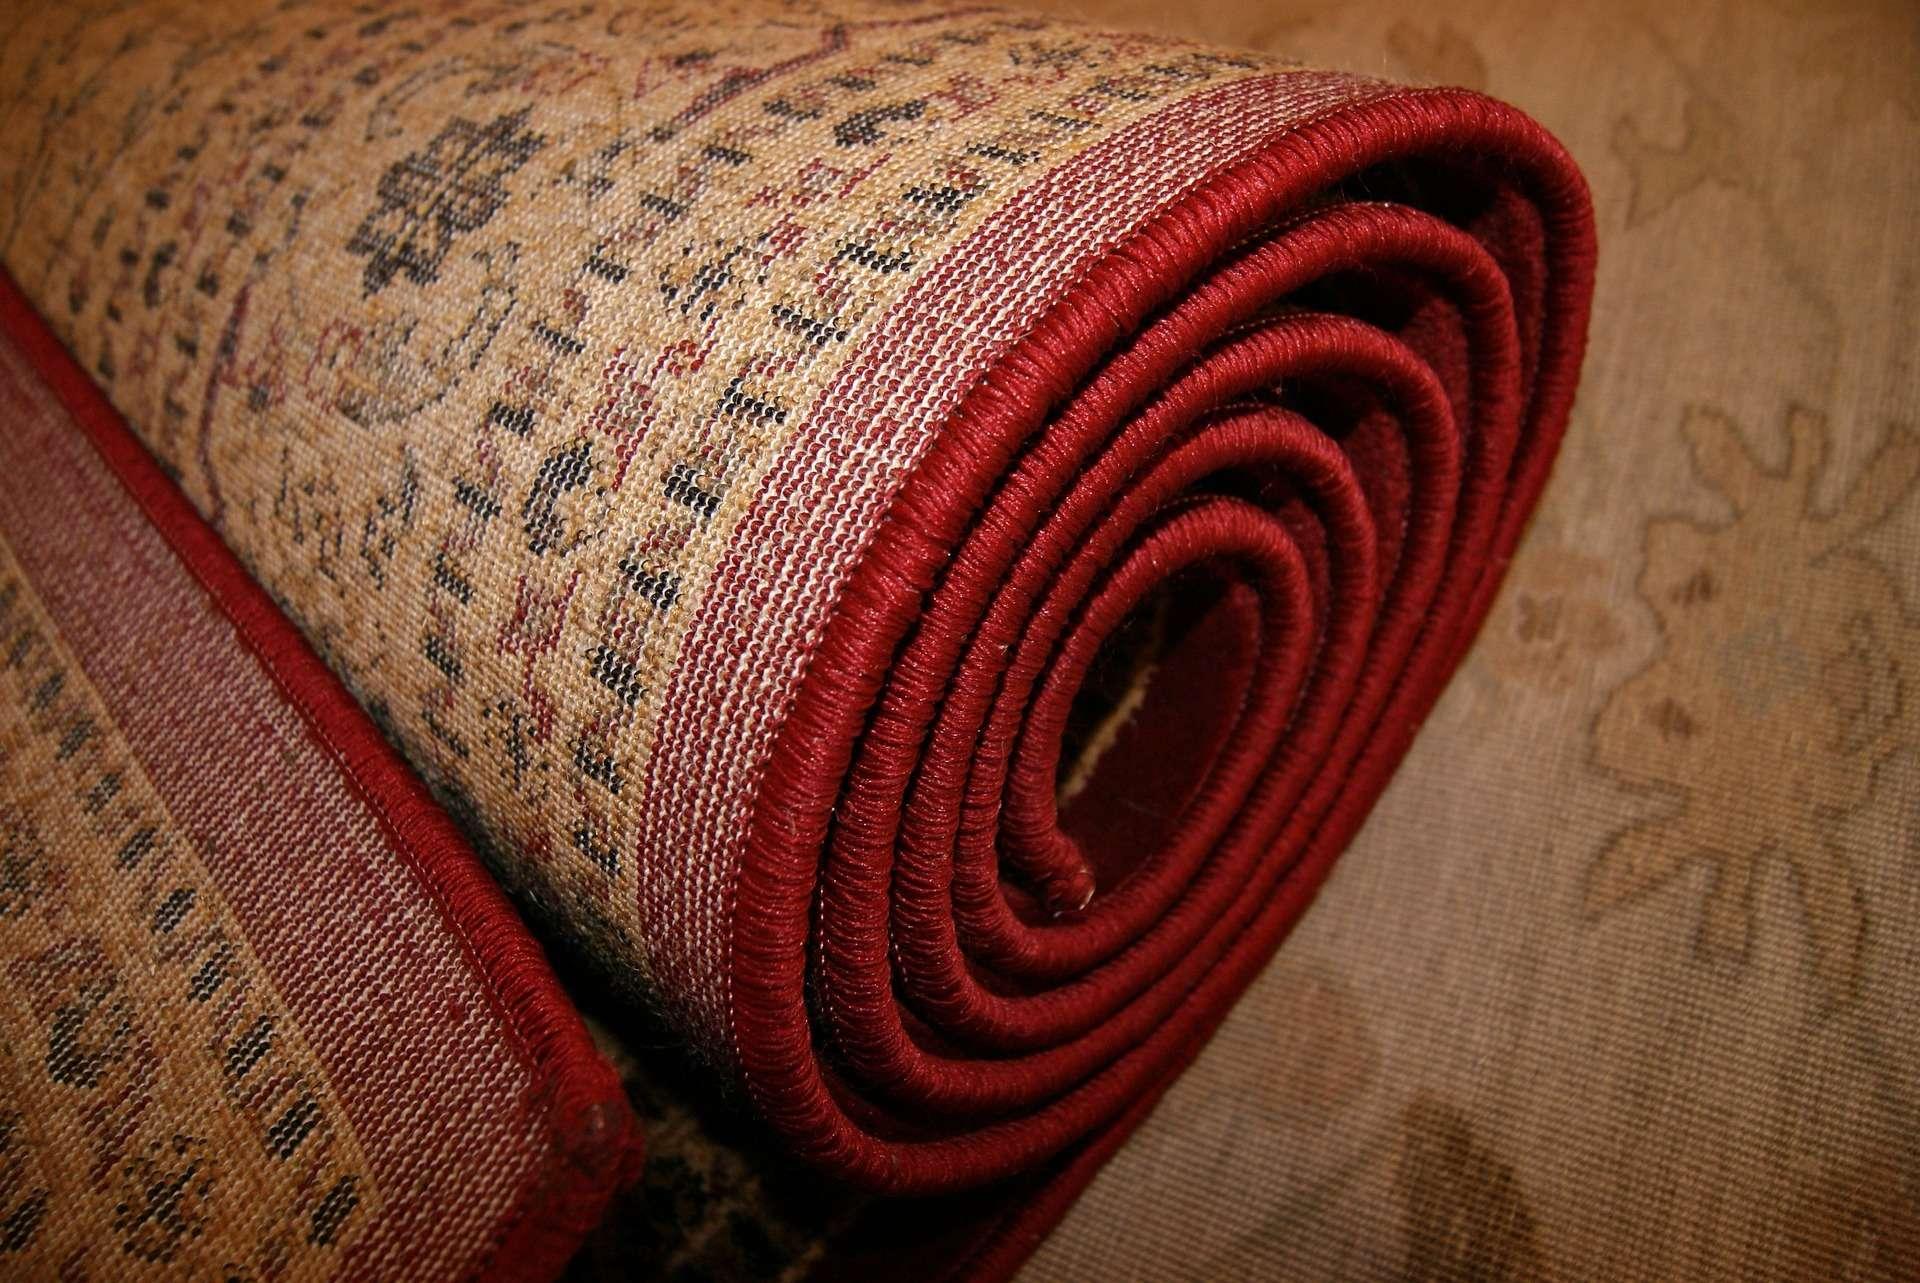 Cách diệt rệp giường trong nhà tận gốc đơn giản